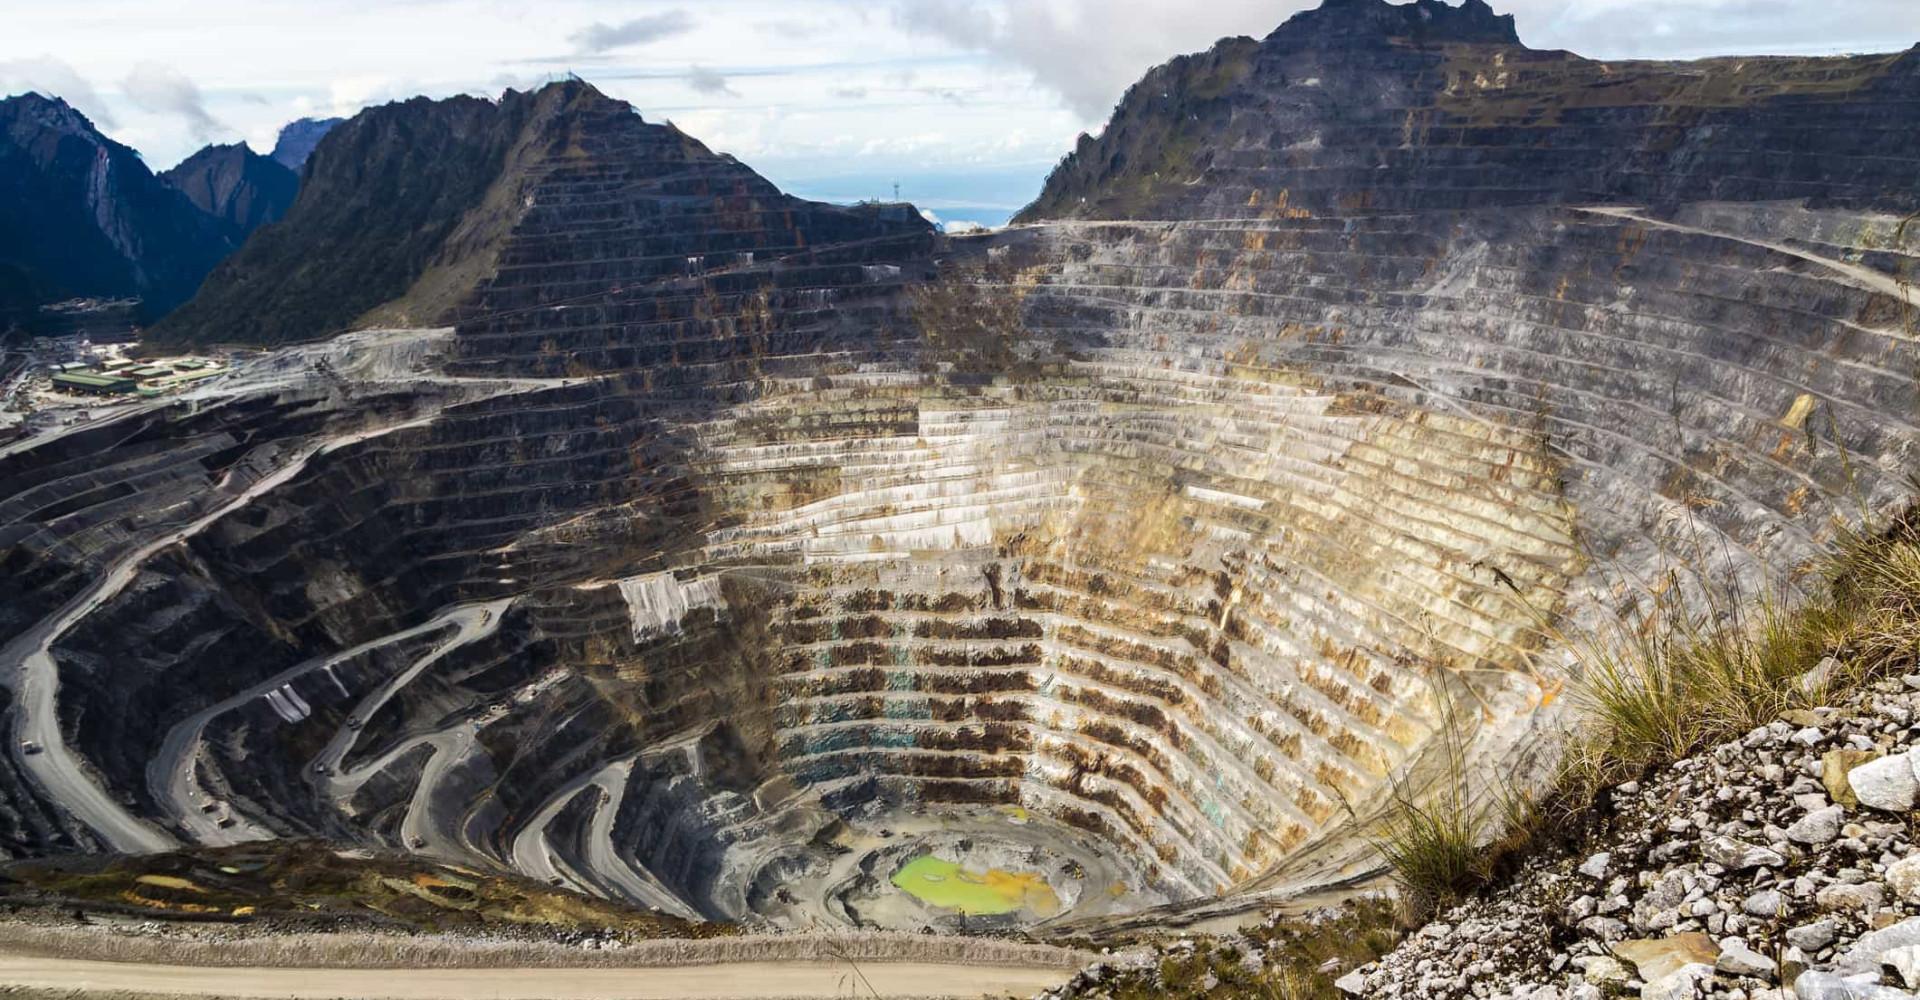 Jordens ar: se verdens mest fascinerende kratere og miner